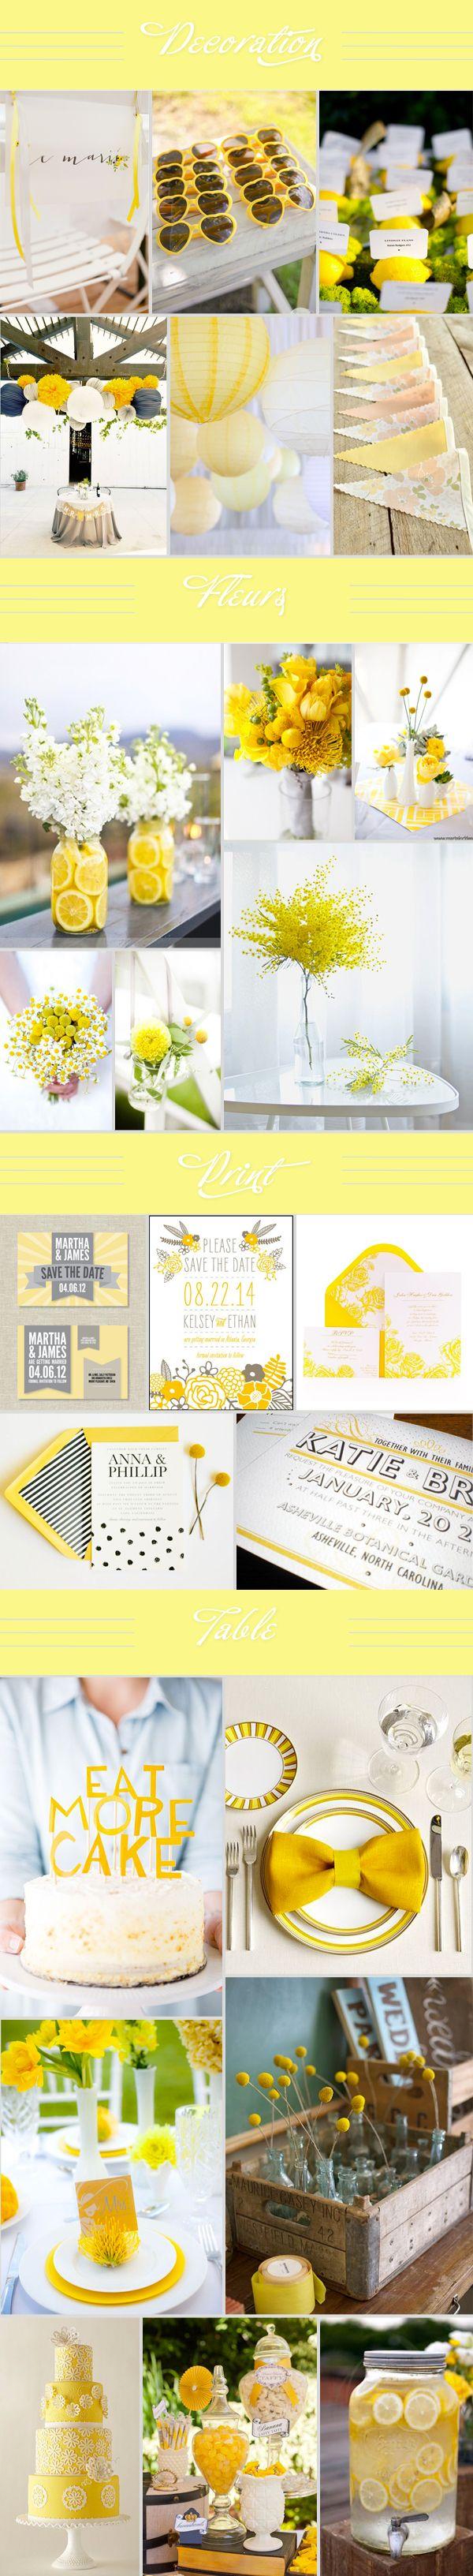 Voici un nouveau tableau d'inspiration, le jaune est à l'honneur. Une couleur tellement lumineuse, chaude, élégante, joyeuse… Elle se marie très bien avec du blanc ou du gris. Inspirez vous…